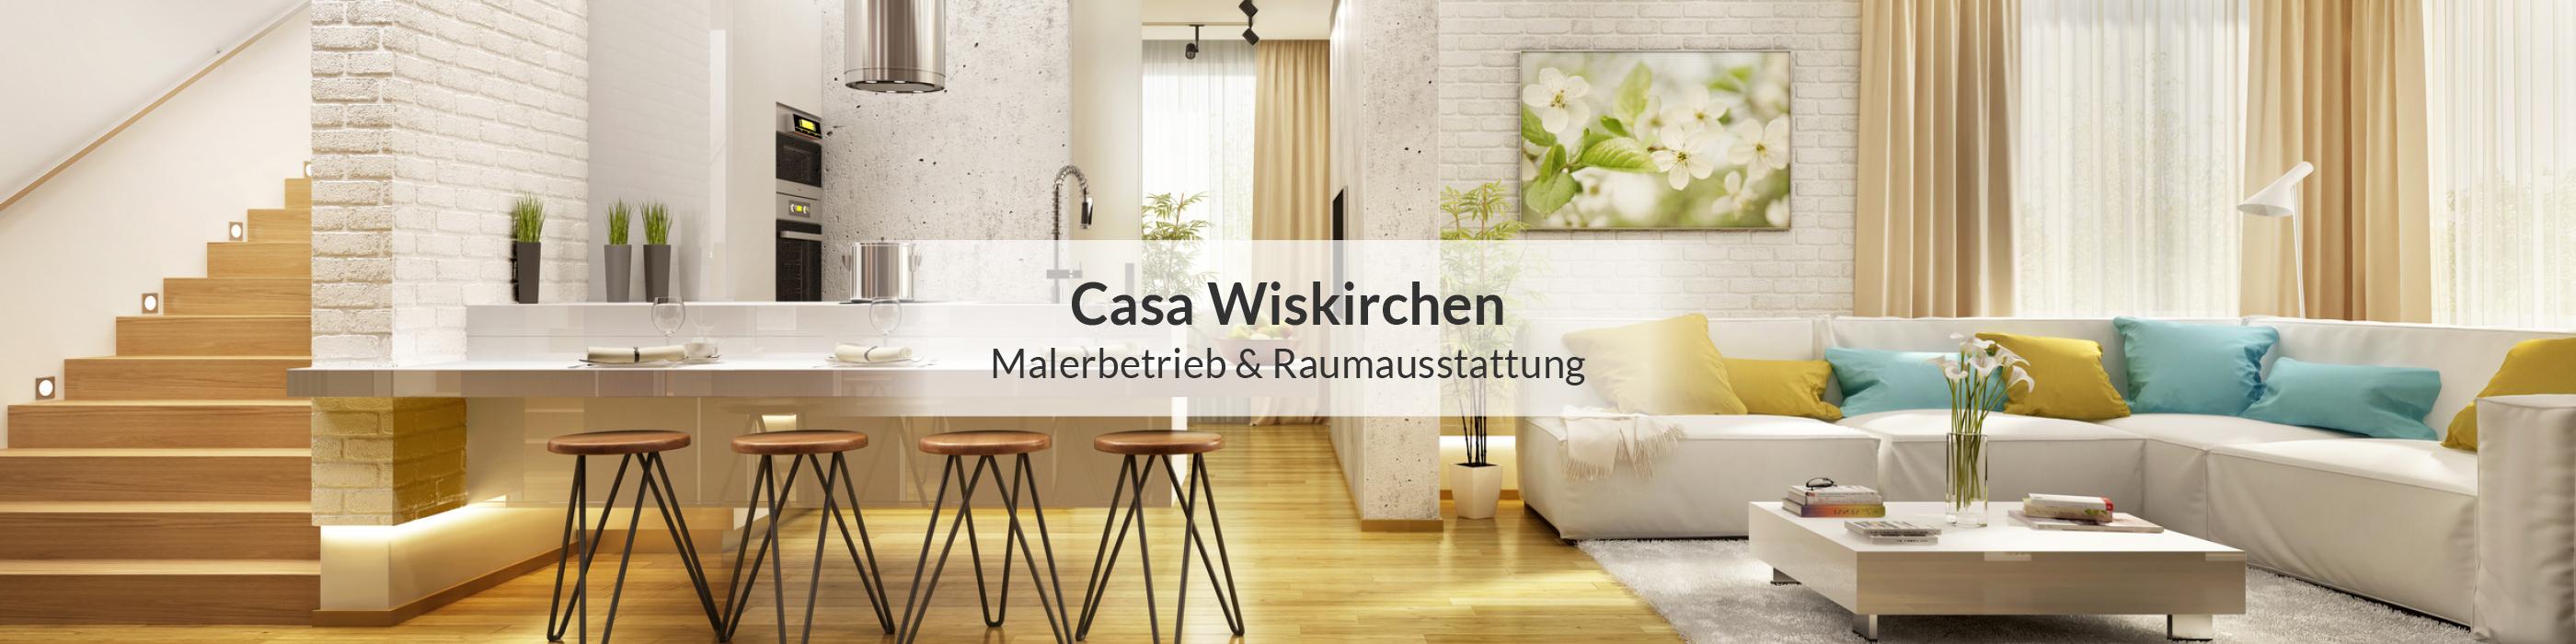 casa wiskirchen ihr partner f r raumausstattung maler und lackierer. Black Bedroom Furniture Sets. Home Design Ideas